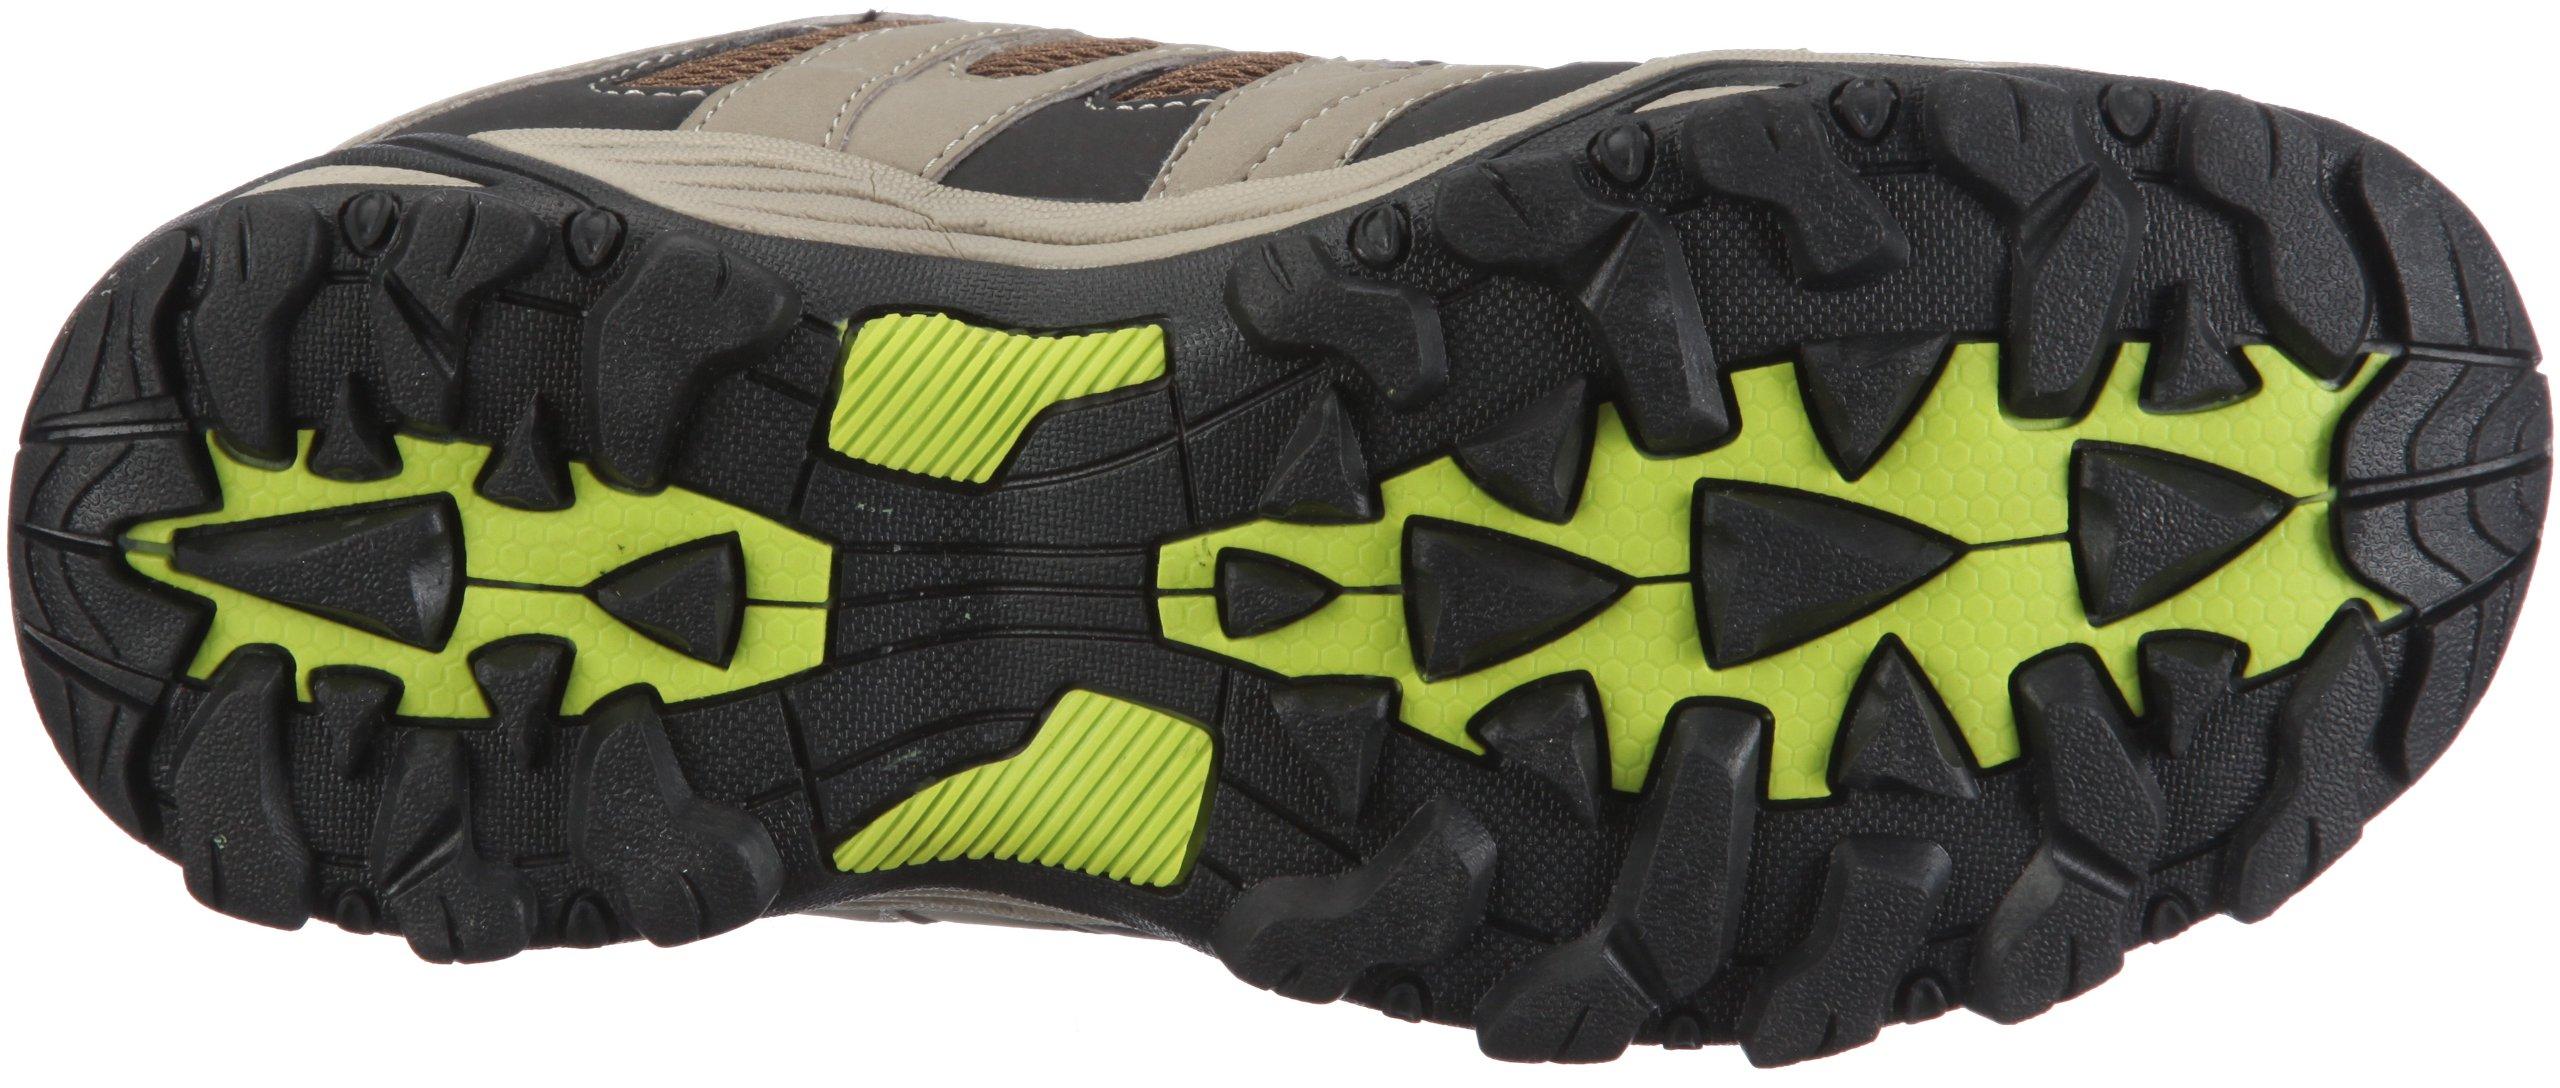 Ultrasport Hiker Unisex Adult Outdoor – Trekking – Hiking – Nordic Walking Shoes